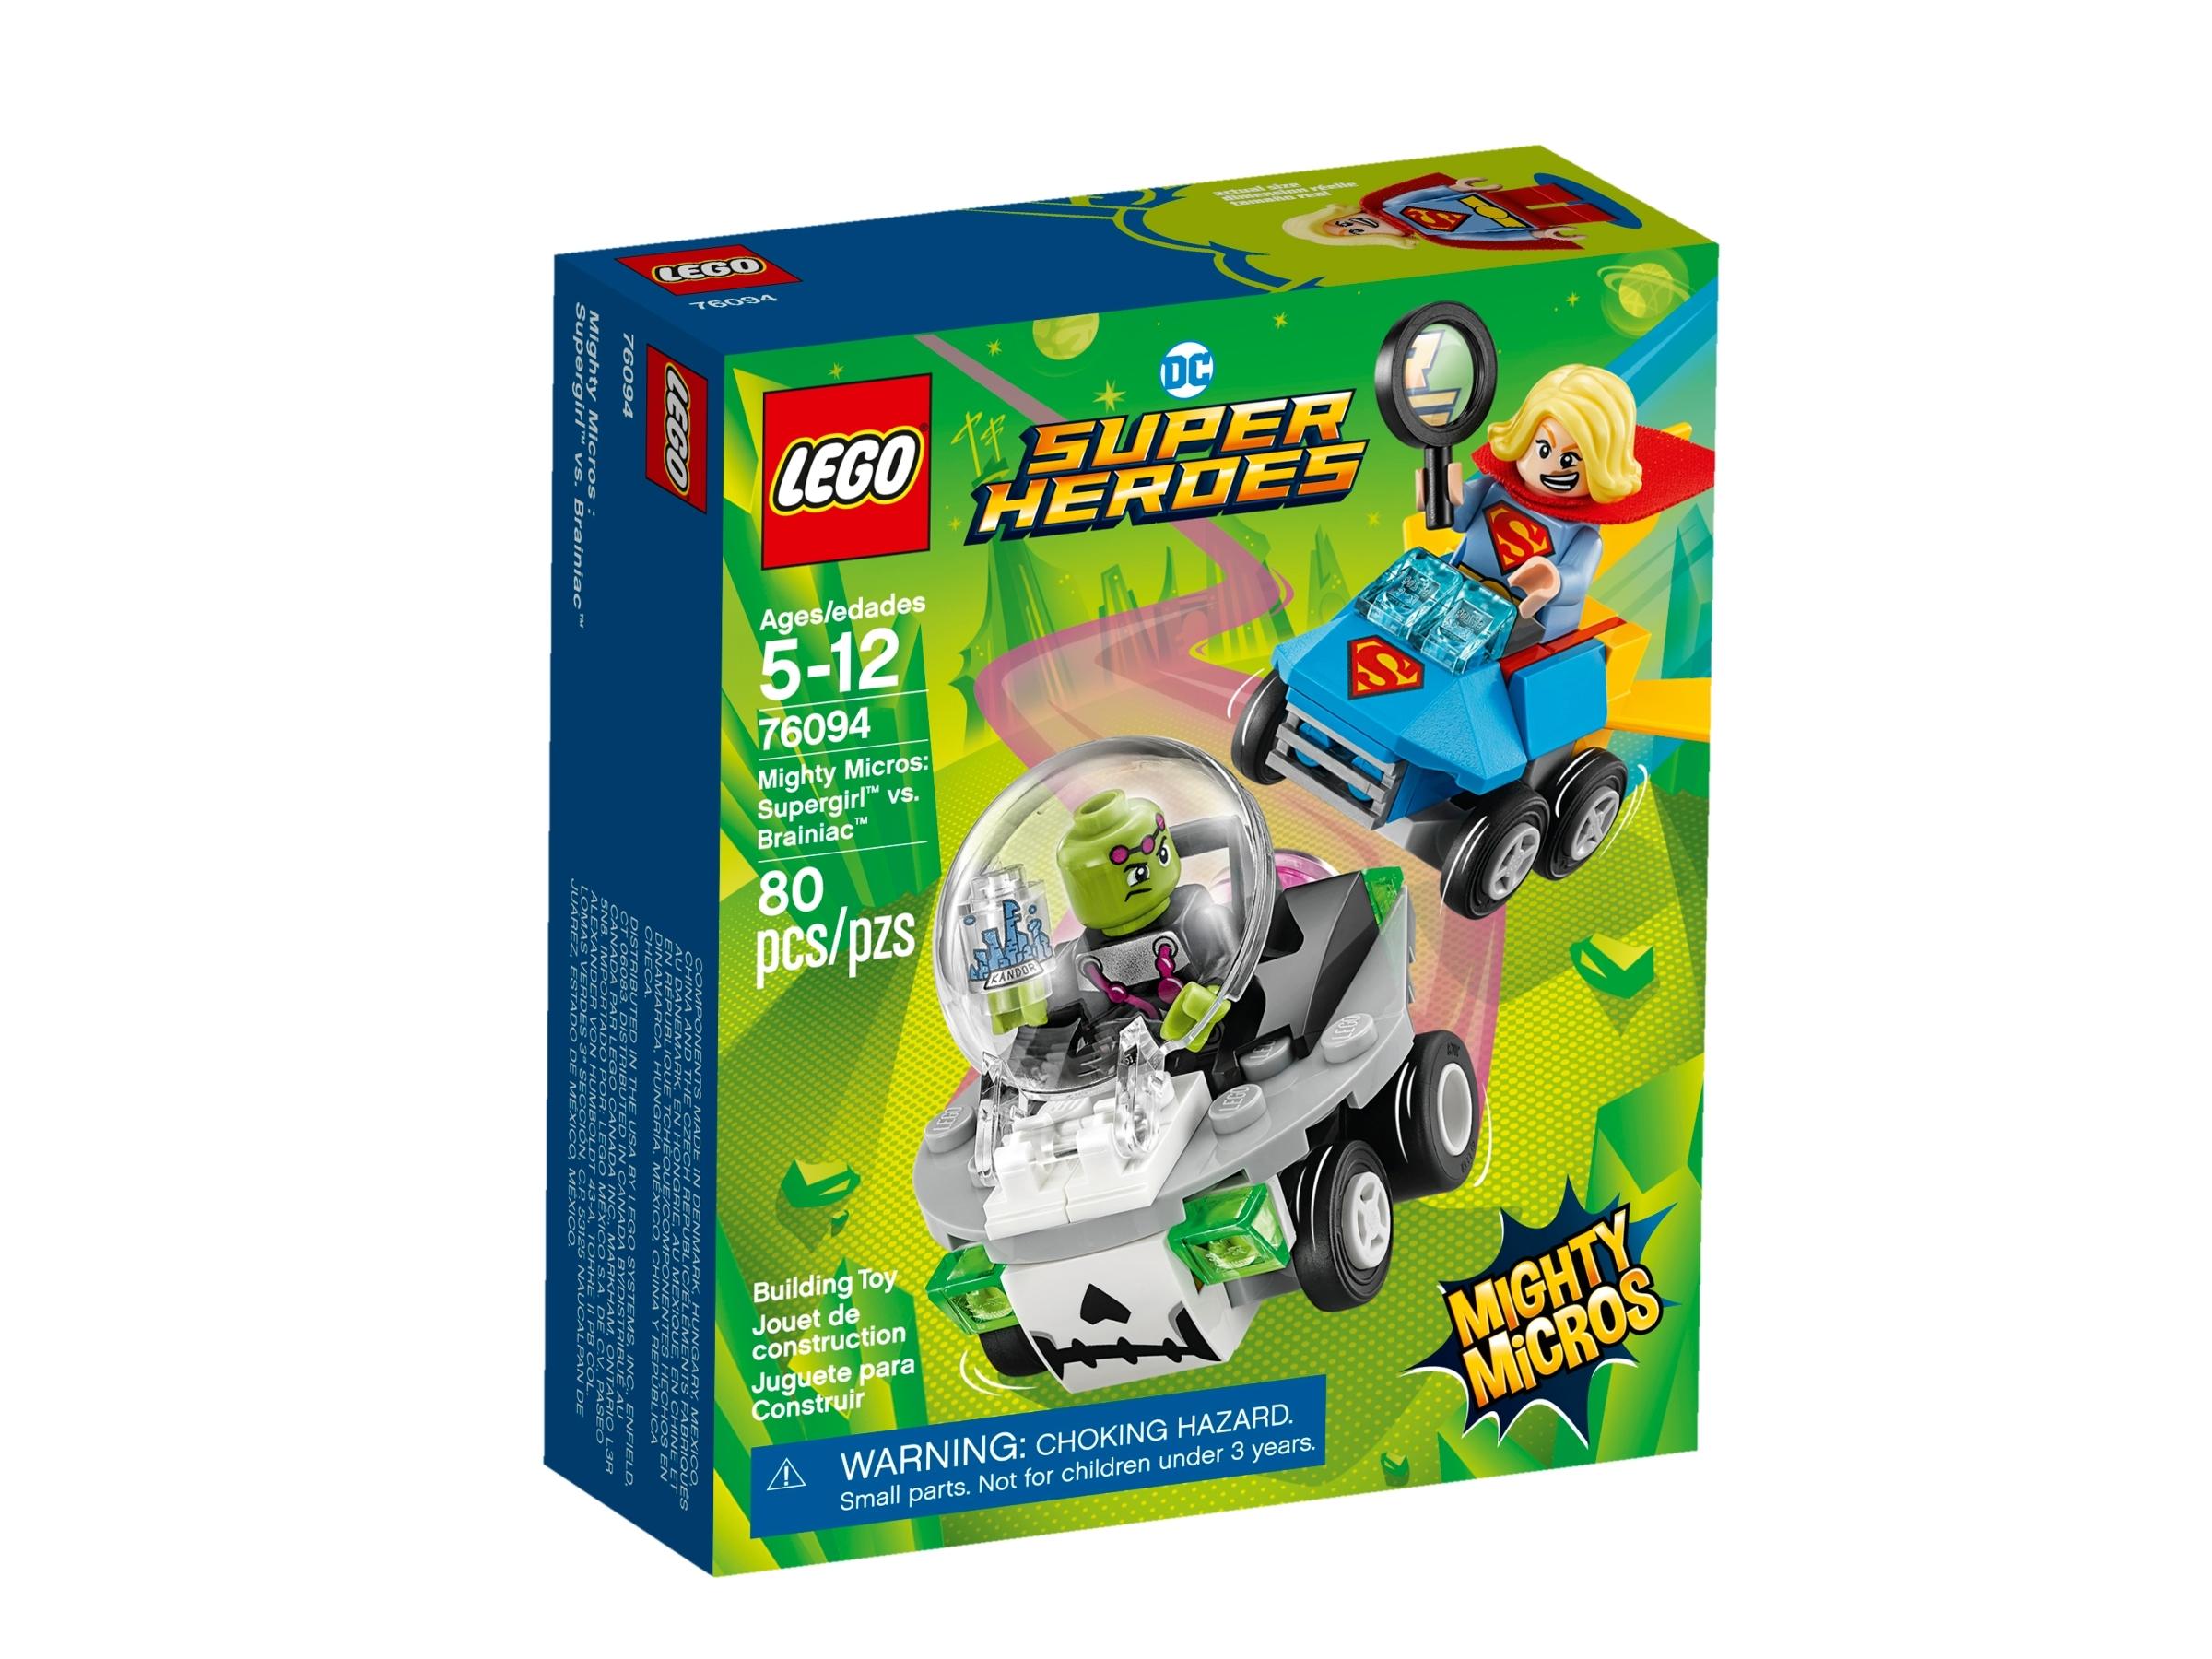 lego 76094 mighty micros supergirl mot brainiac